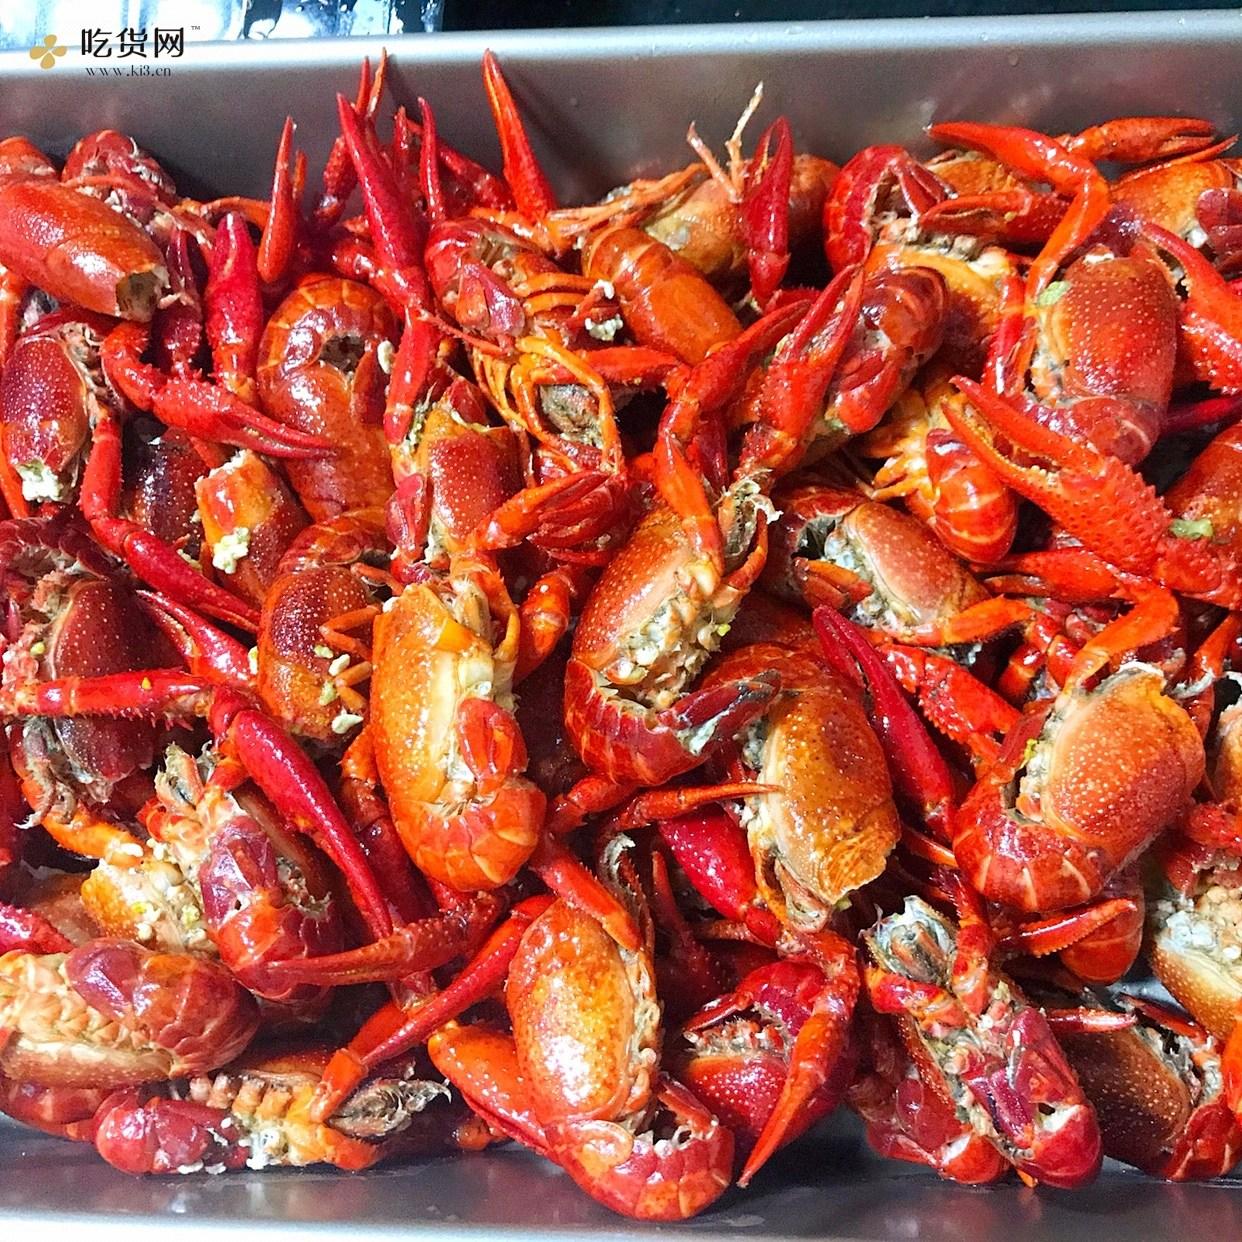 小龙虾比饭店还好吃的家常自制麻辣小龙虾的做法 步骤2